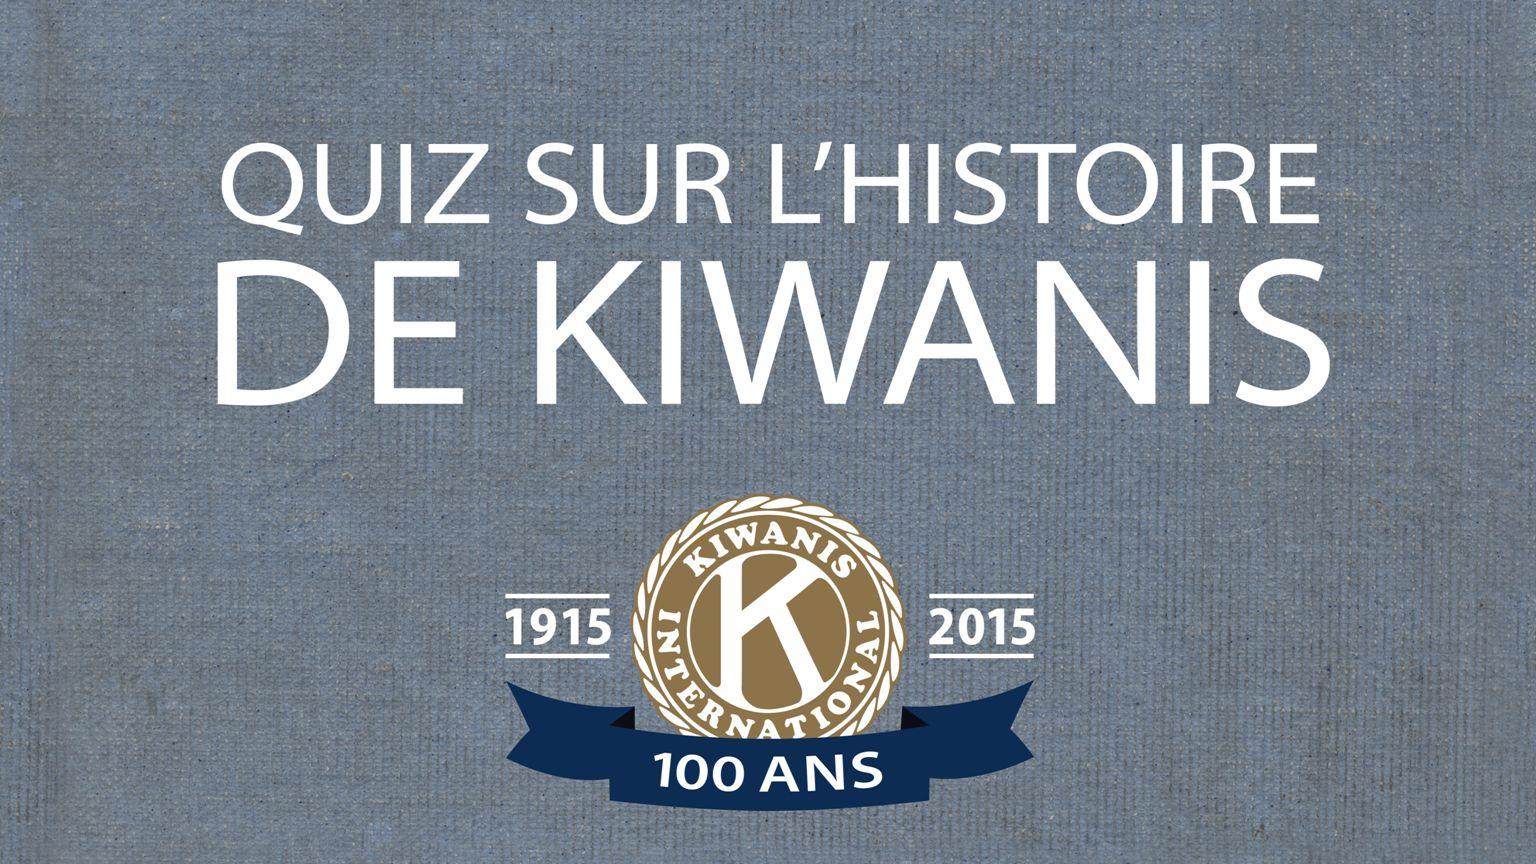 Le premier club Kiwanis a été fondé à Detroit le 21 janvier 1915.